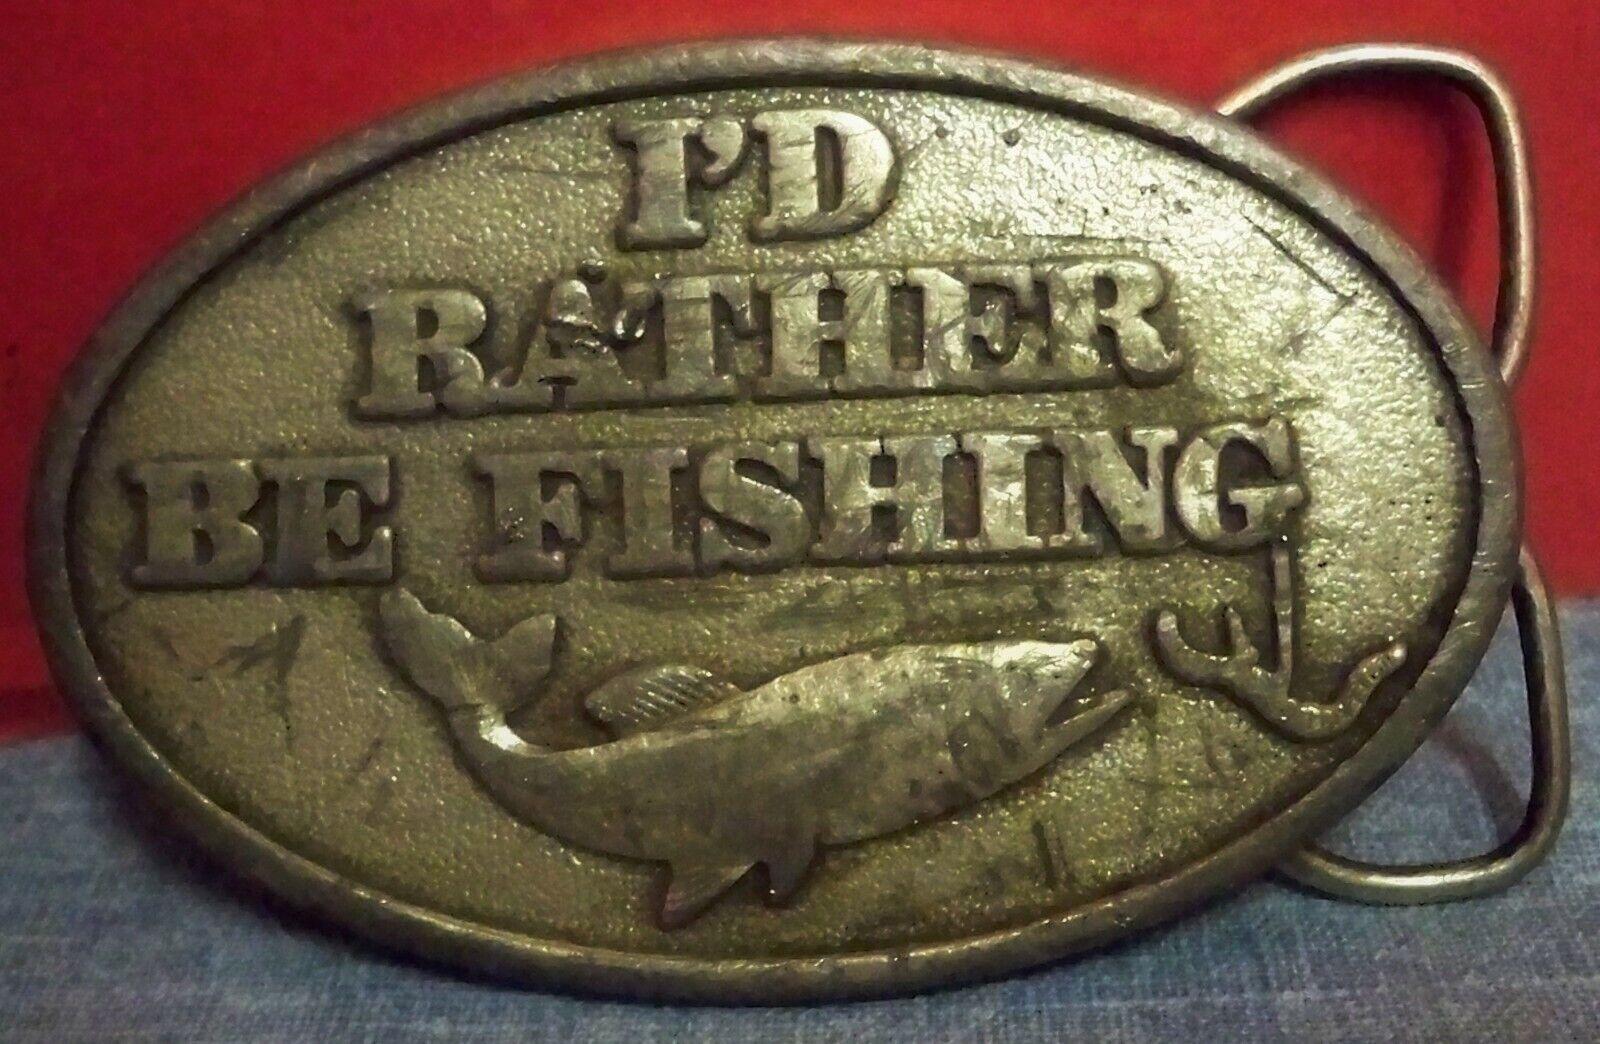 Vintage Metal I'd Rather Be Fishing Belt Buckle Pewter Color Capt Hawk's USA